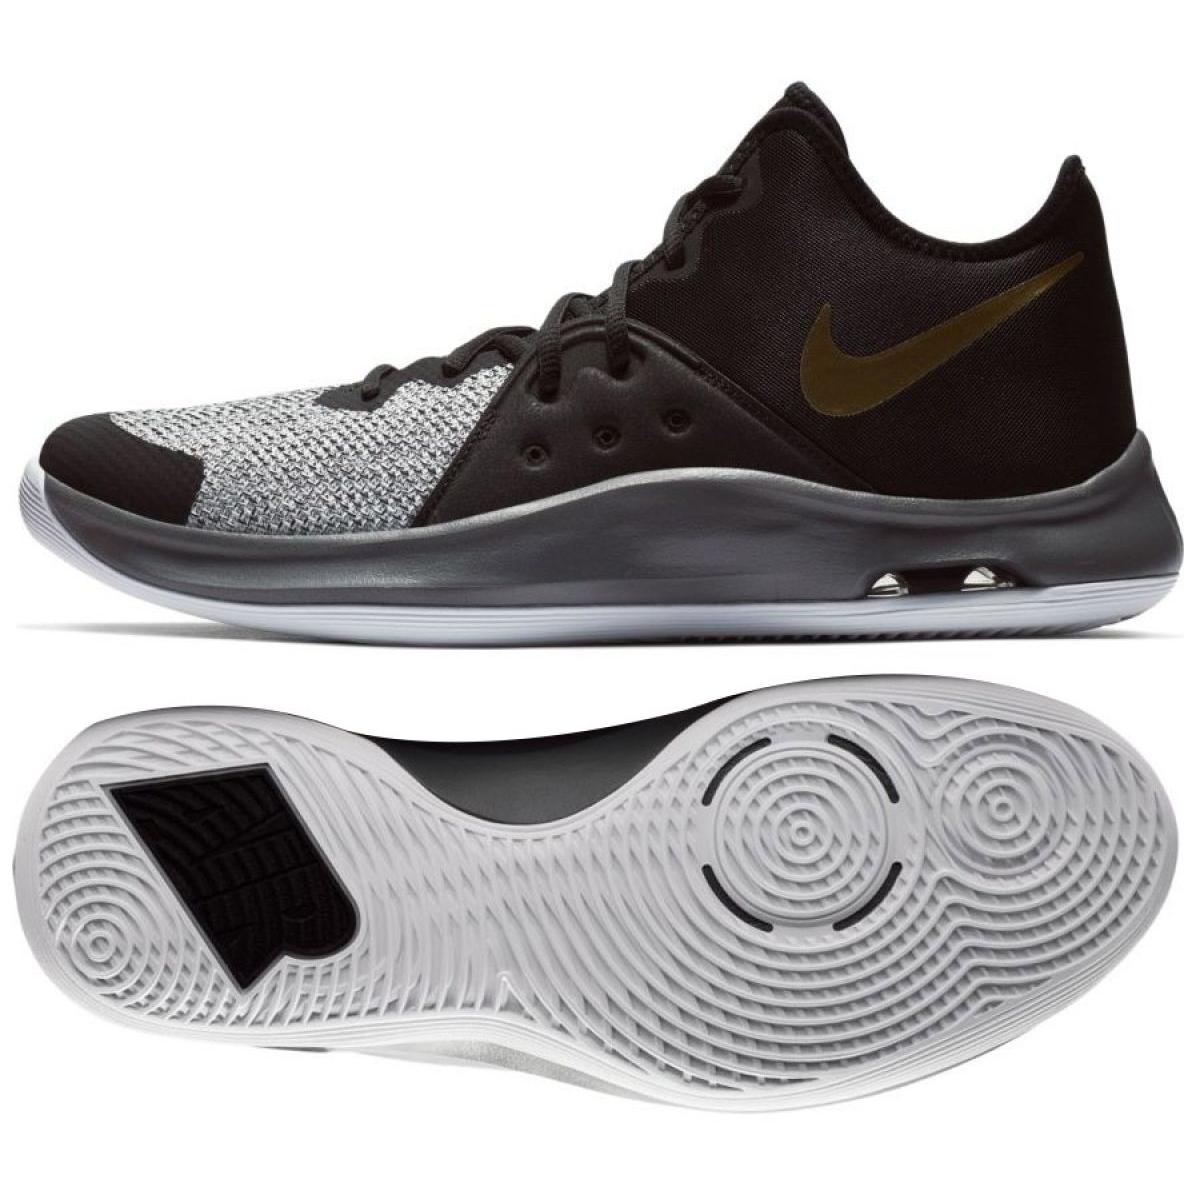 nowy haj wybór premium wykwintny styl Buty koszykarskie Nike Air Versitile Iii M AO4430-005 czarny czarne